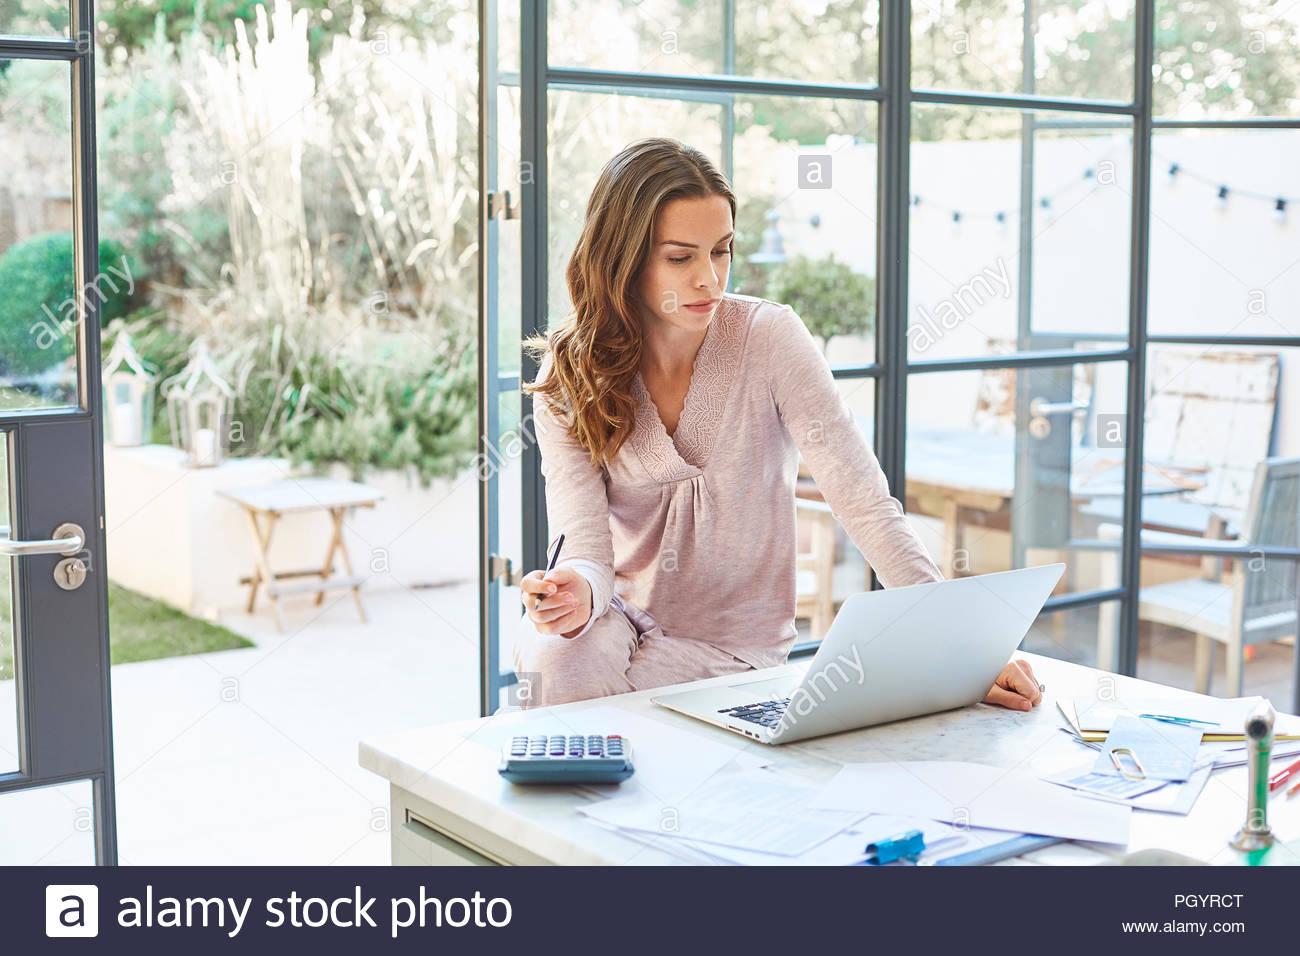 Mitte Erwachsene Frau mit Laptop am Küchentisch. Stockfoto